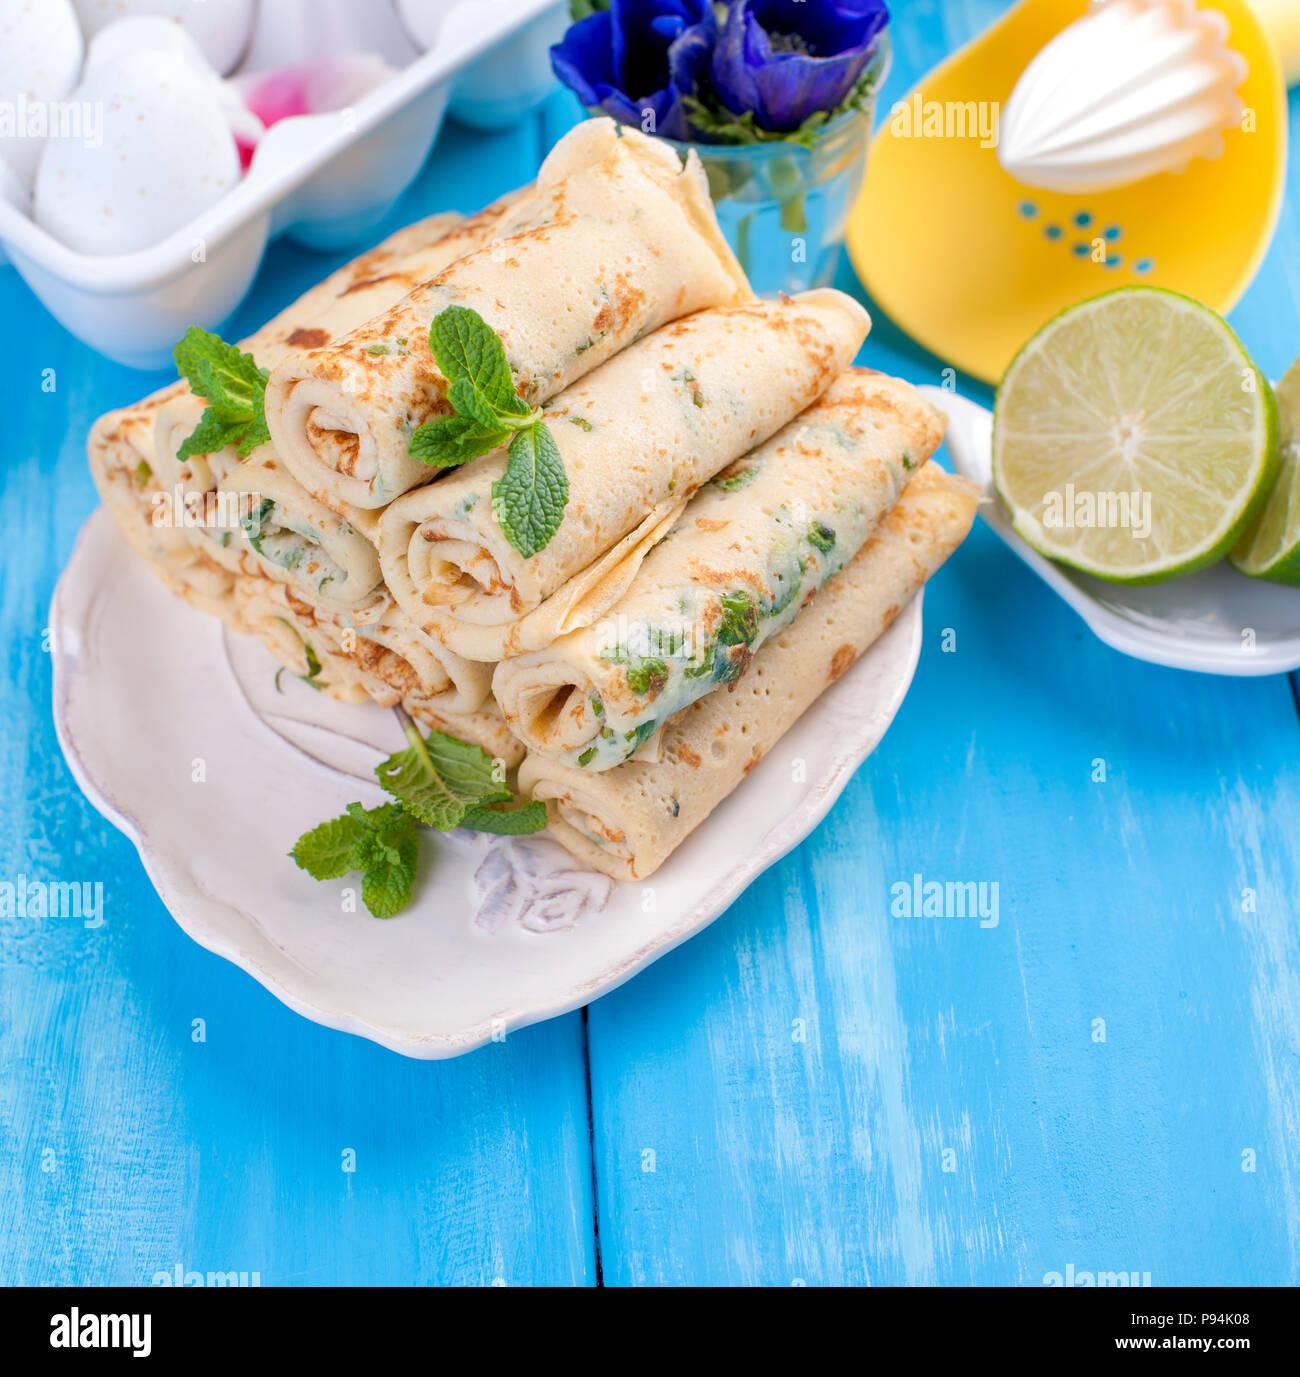 Hausgemachte Pfannkuchen mit Minze und Limone. Die traditionellen russischen Frühling Gebäck. Köstliche Family Mit Frühstück. Kochen für Karneval. Karte Stockbild